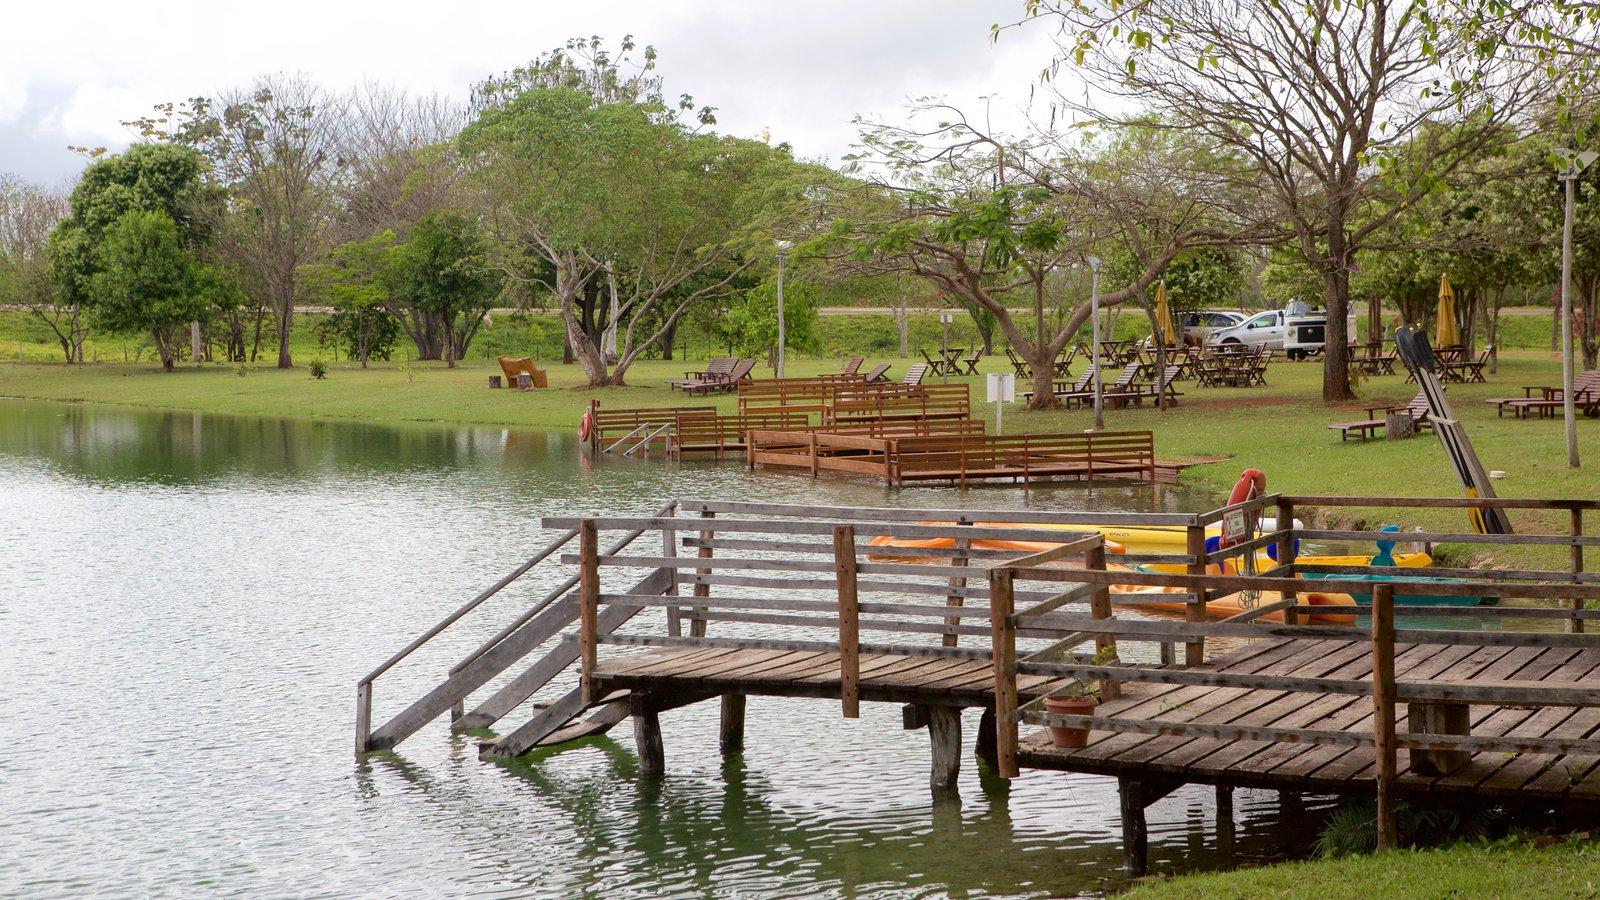 Parque Ecológico Rio Formoso que inclui um jardim e um lago ou charco